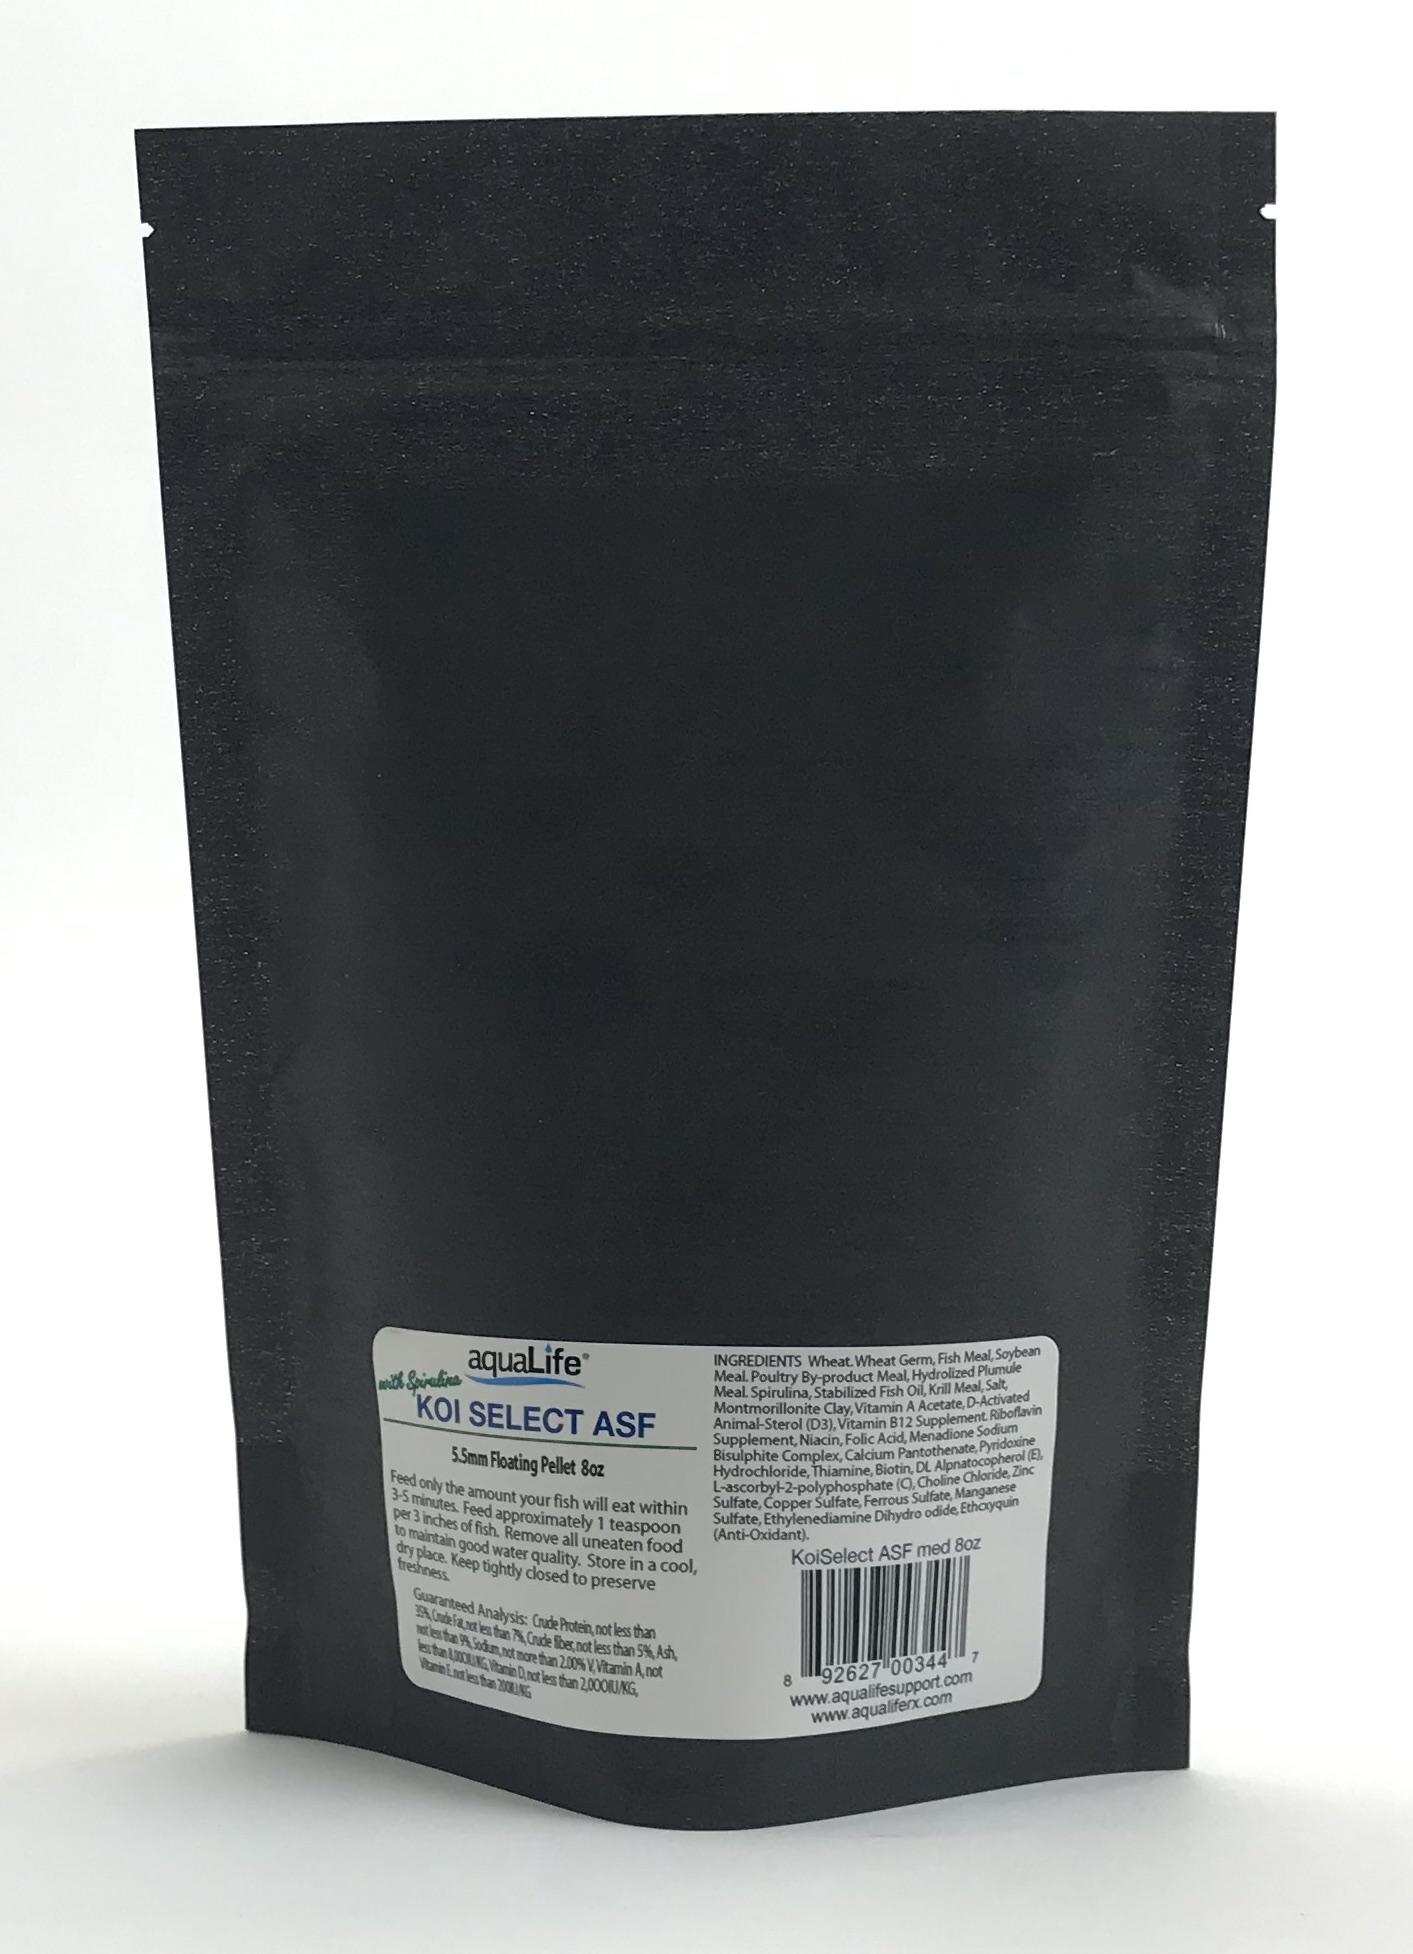 8 oz Medium Koi Select ASF Premium Koi Food